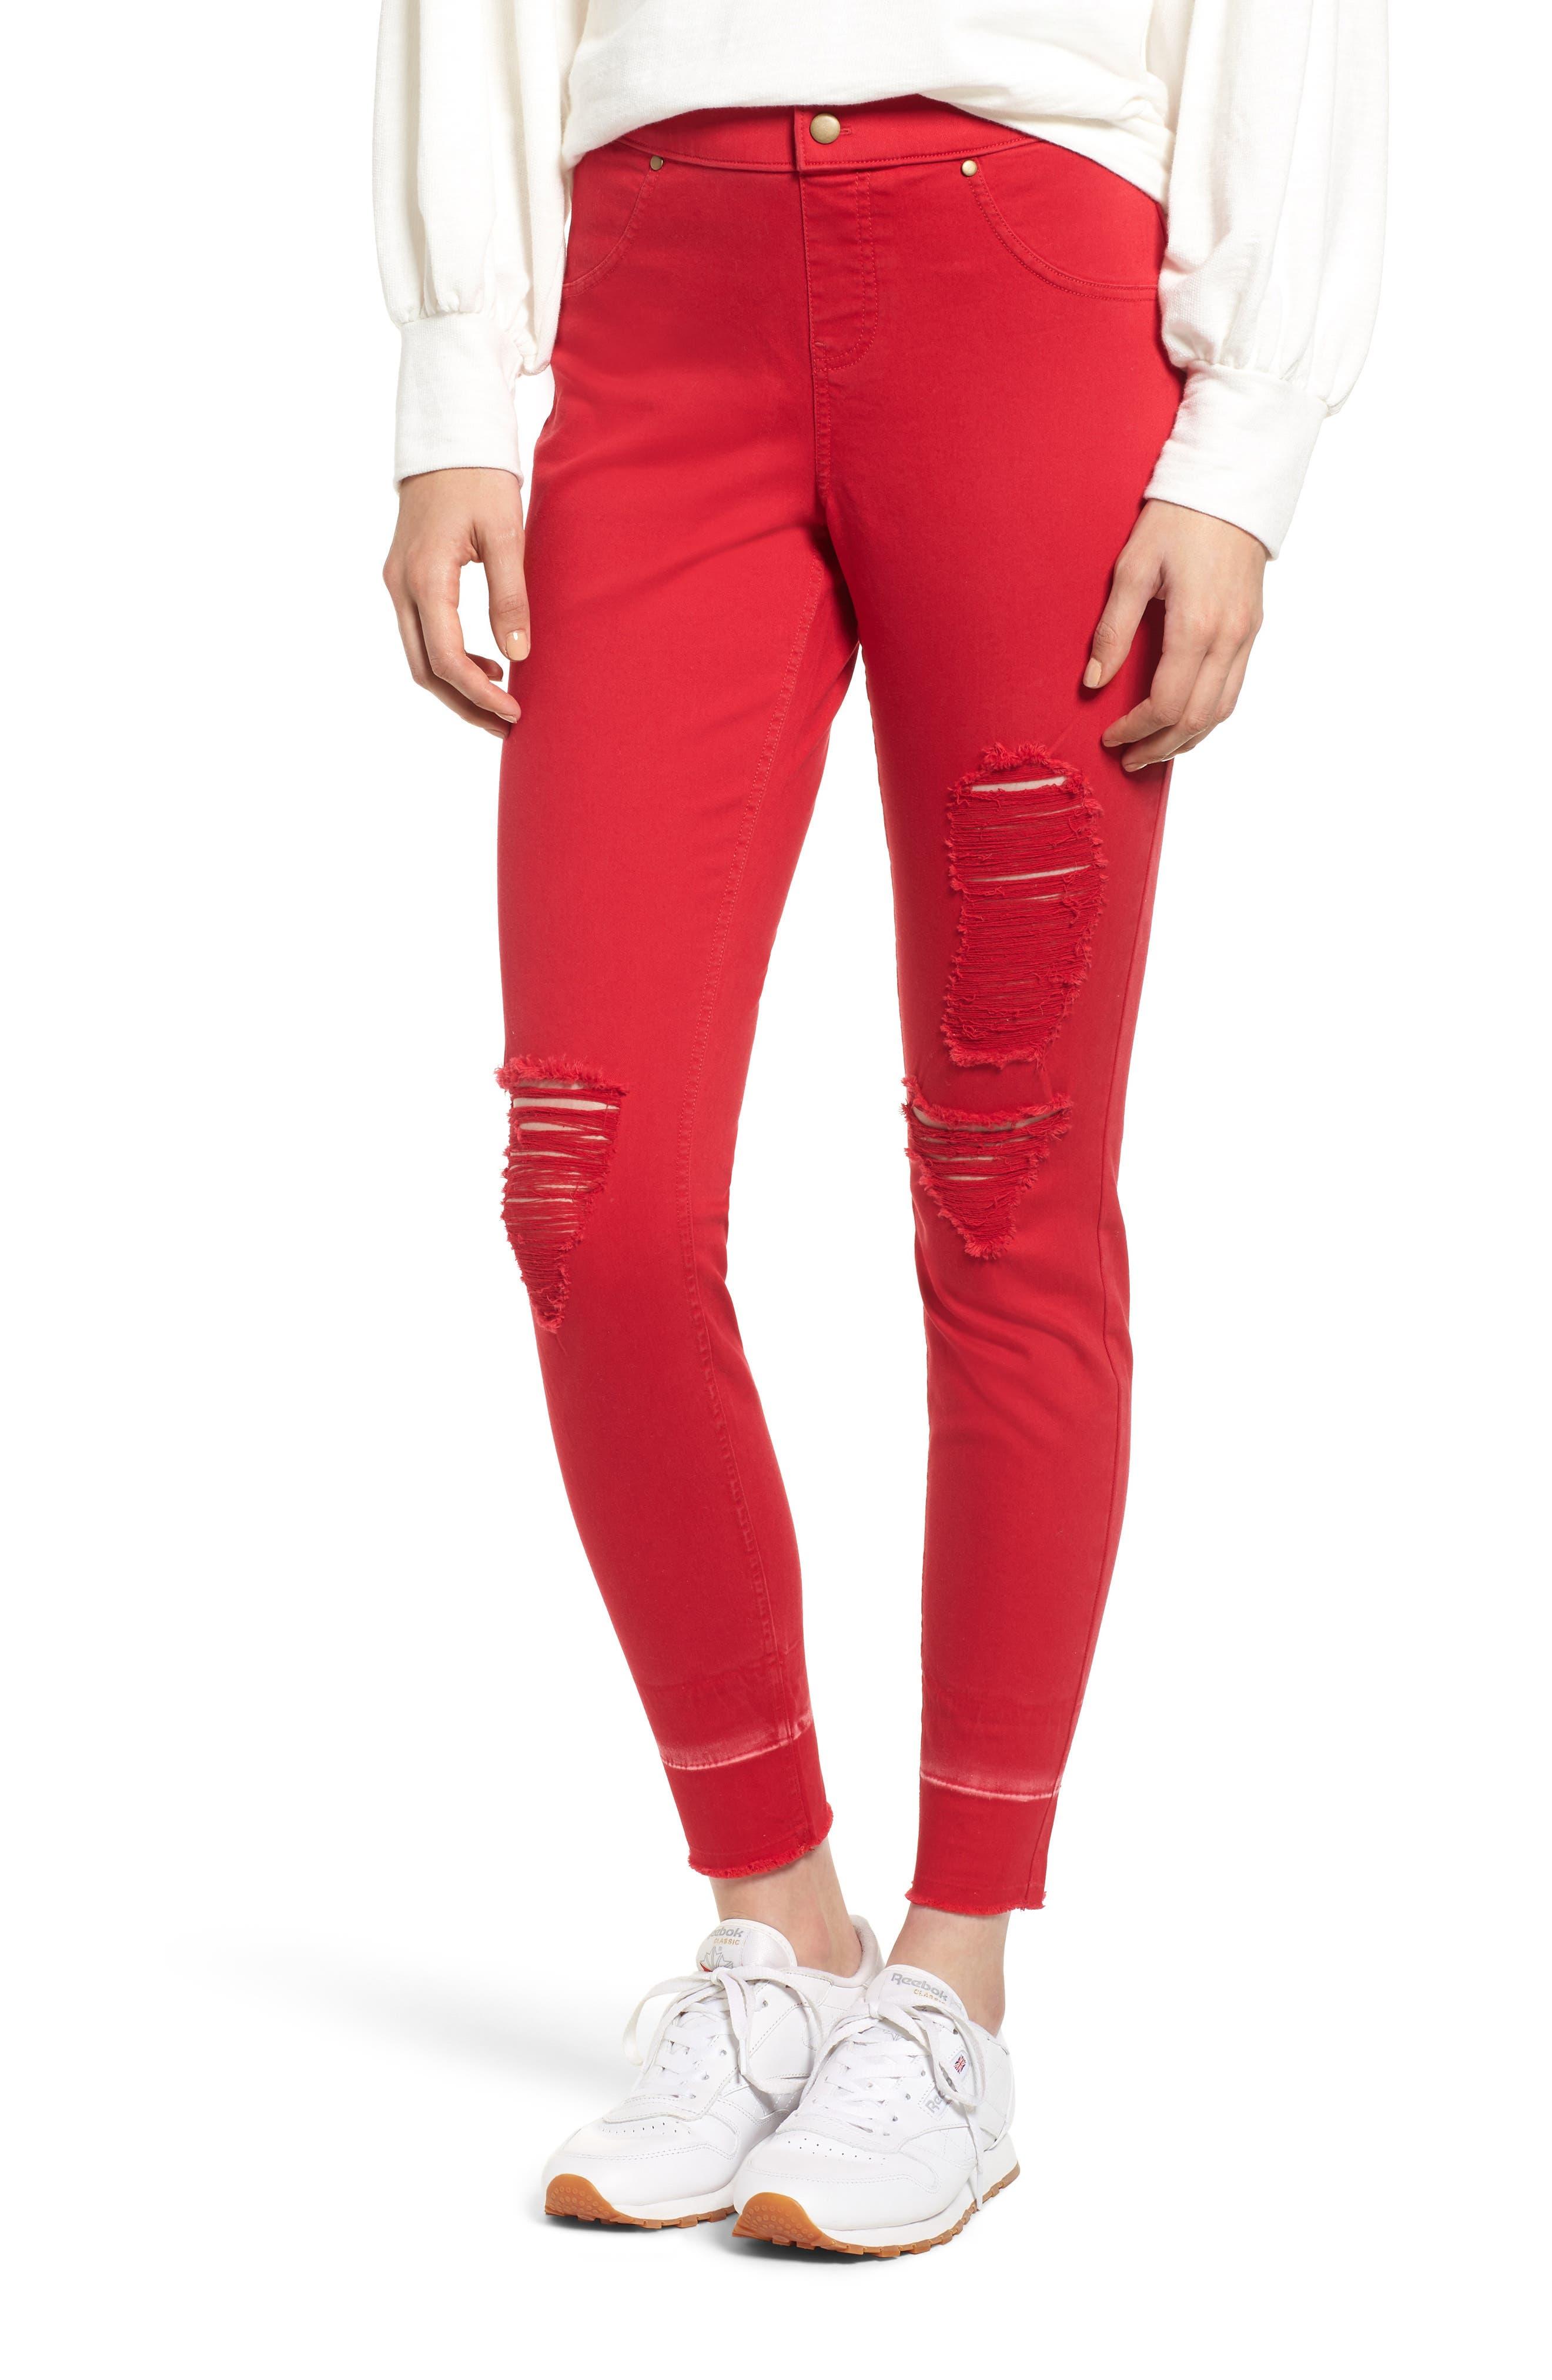 Zeza B By Hue Shredded Denim Leggings, Red